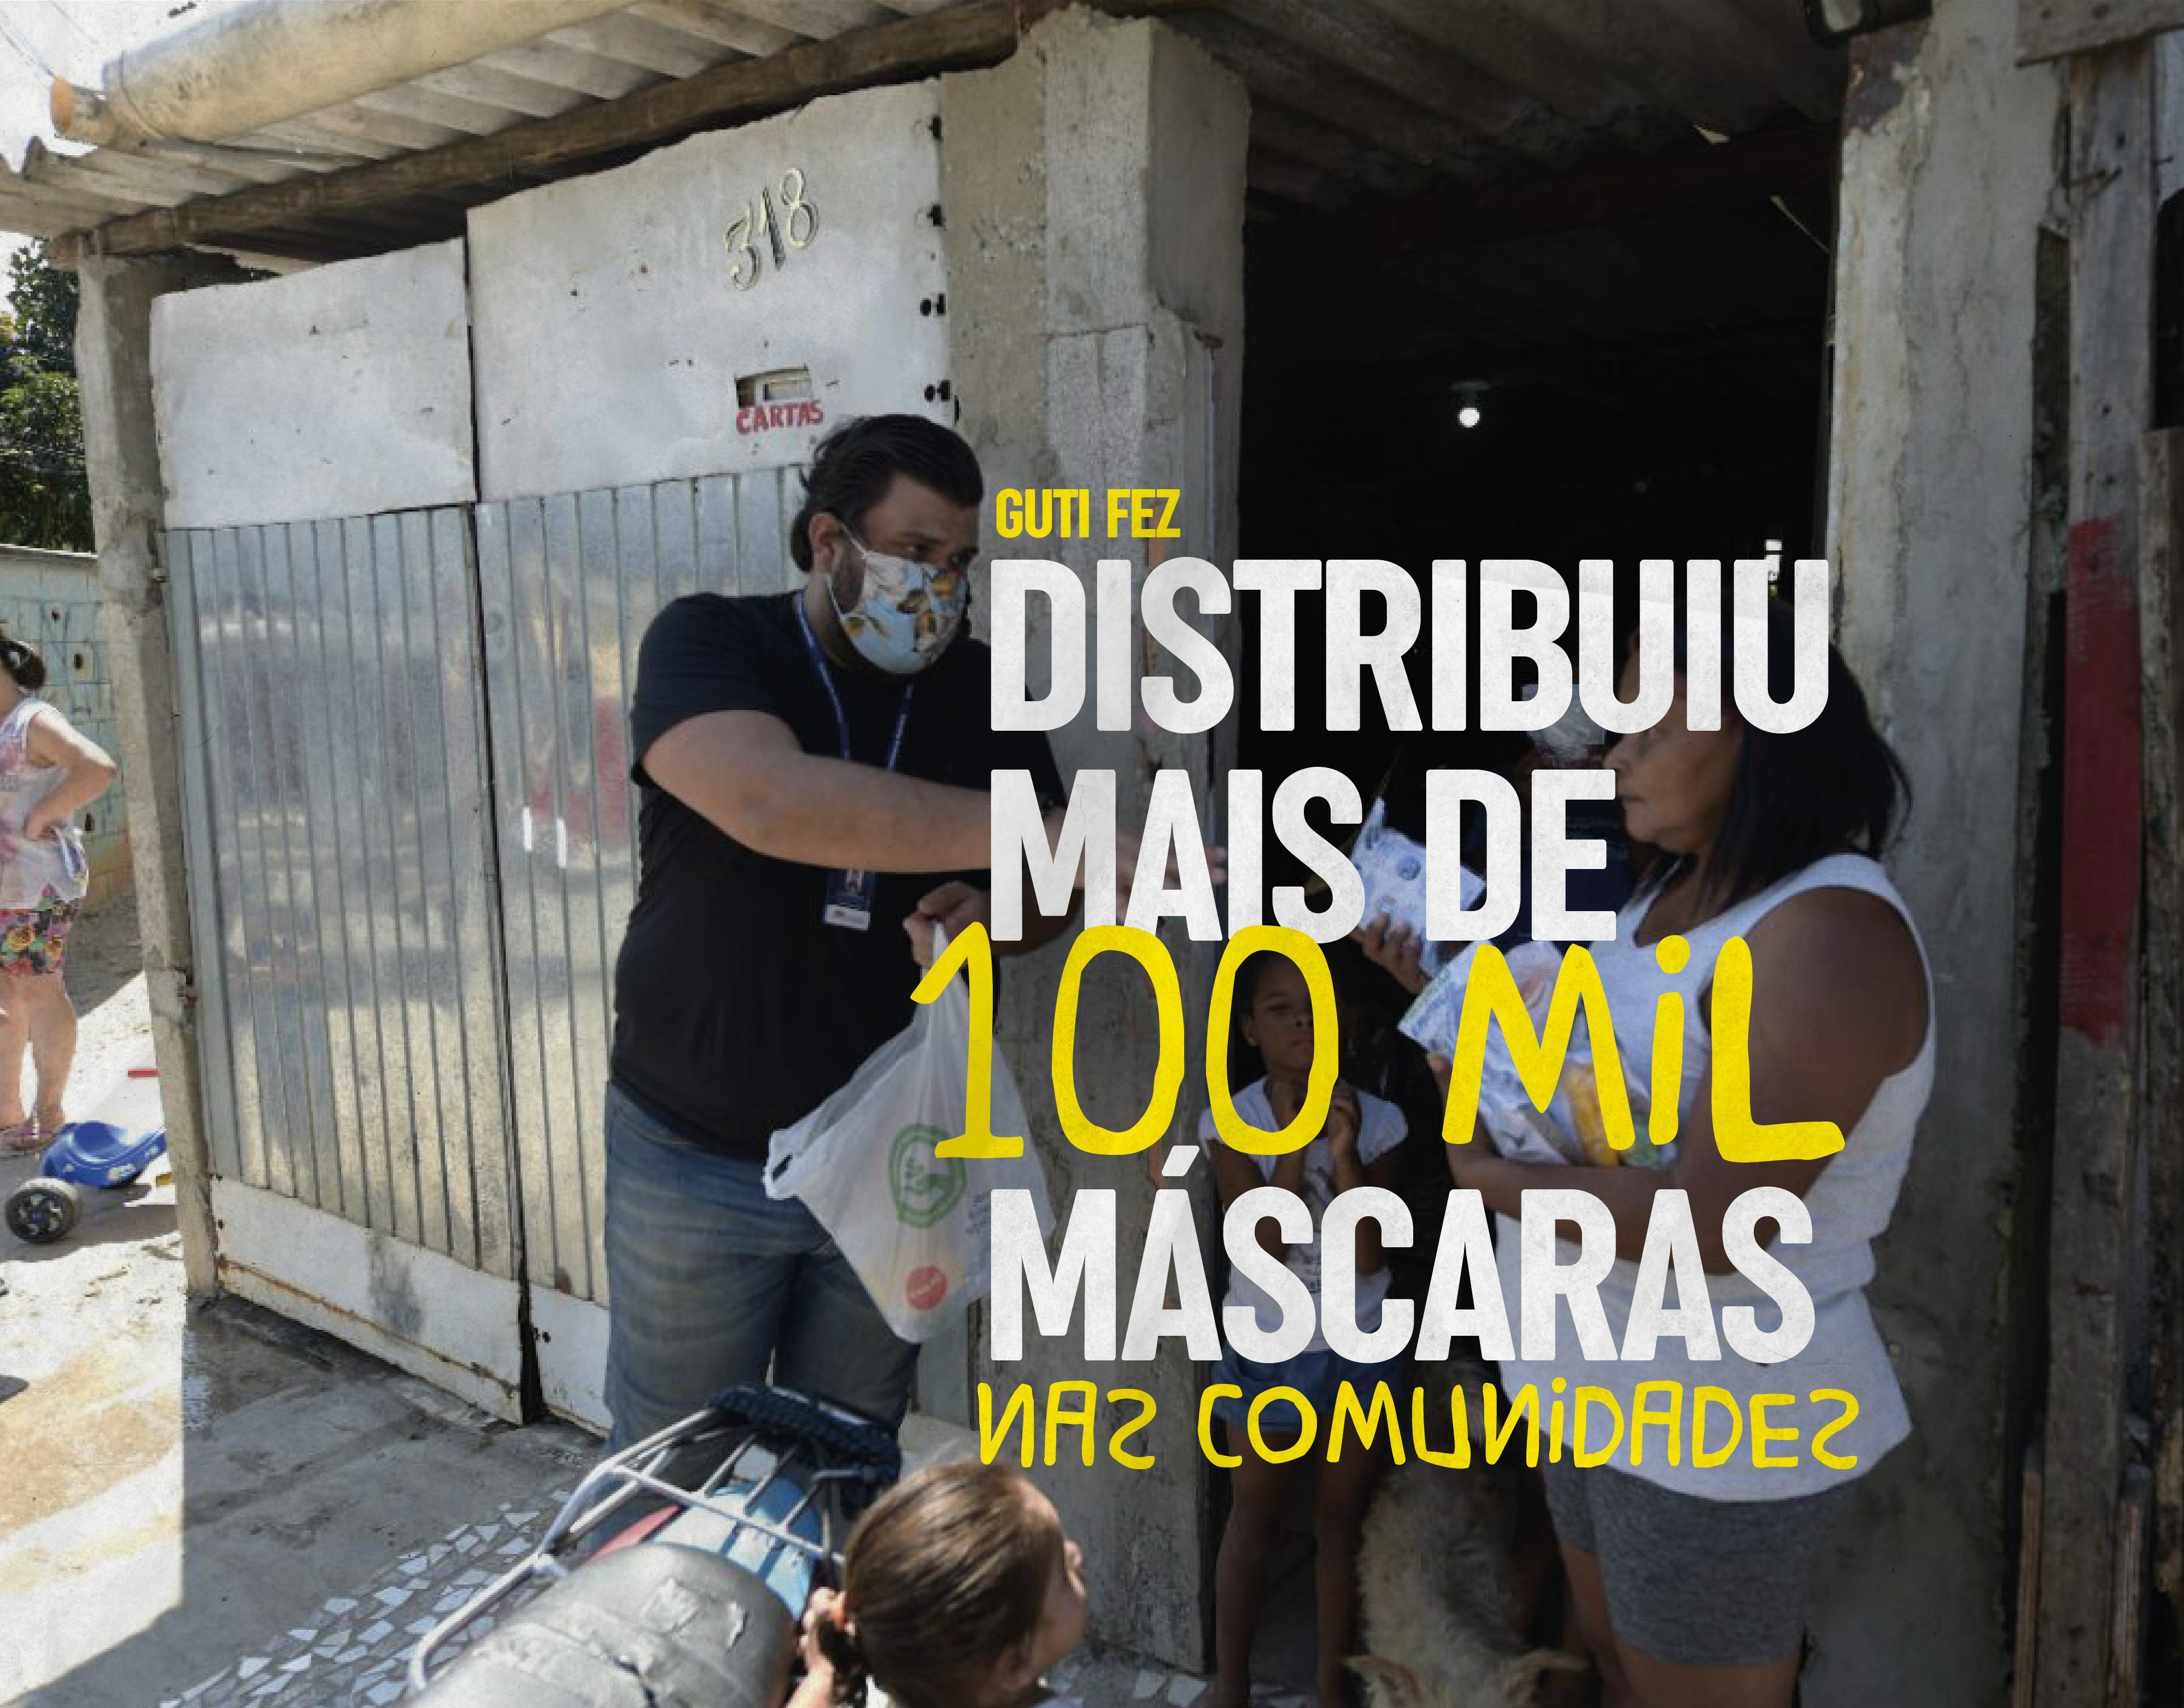 Distribuiu mais de 100 mil máscaras nas comunidades